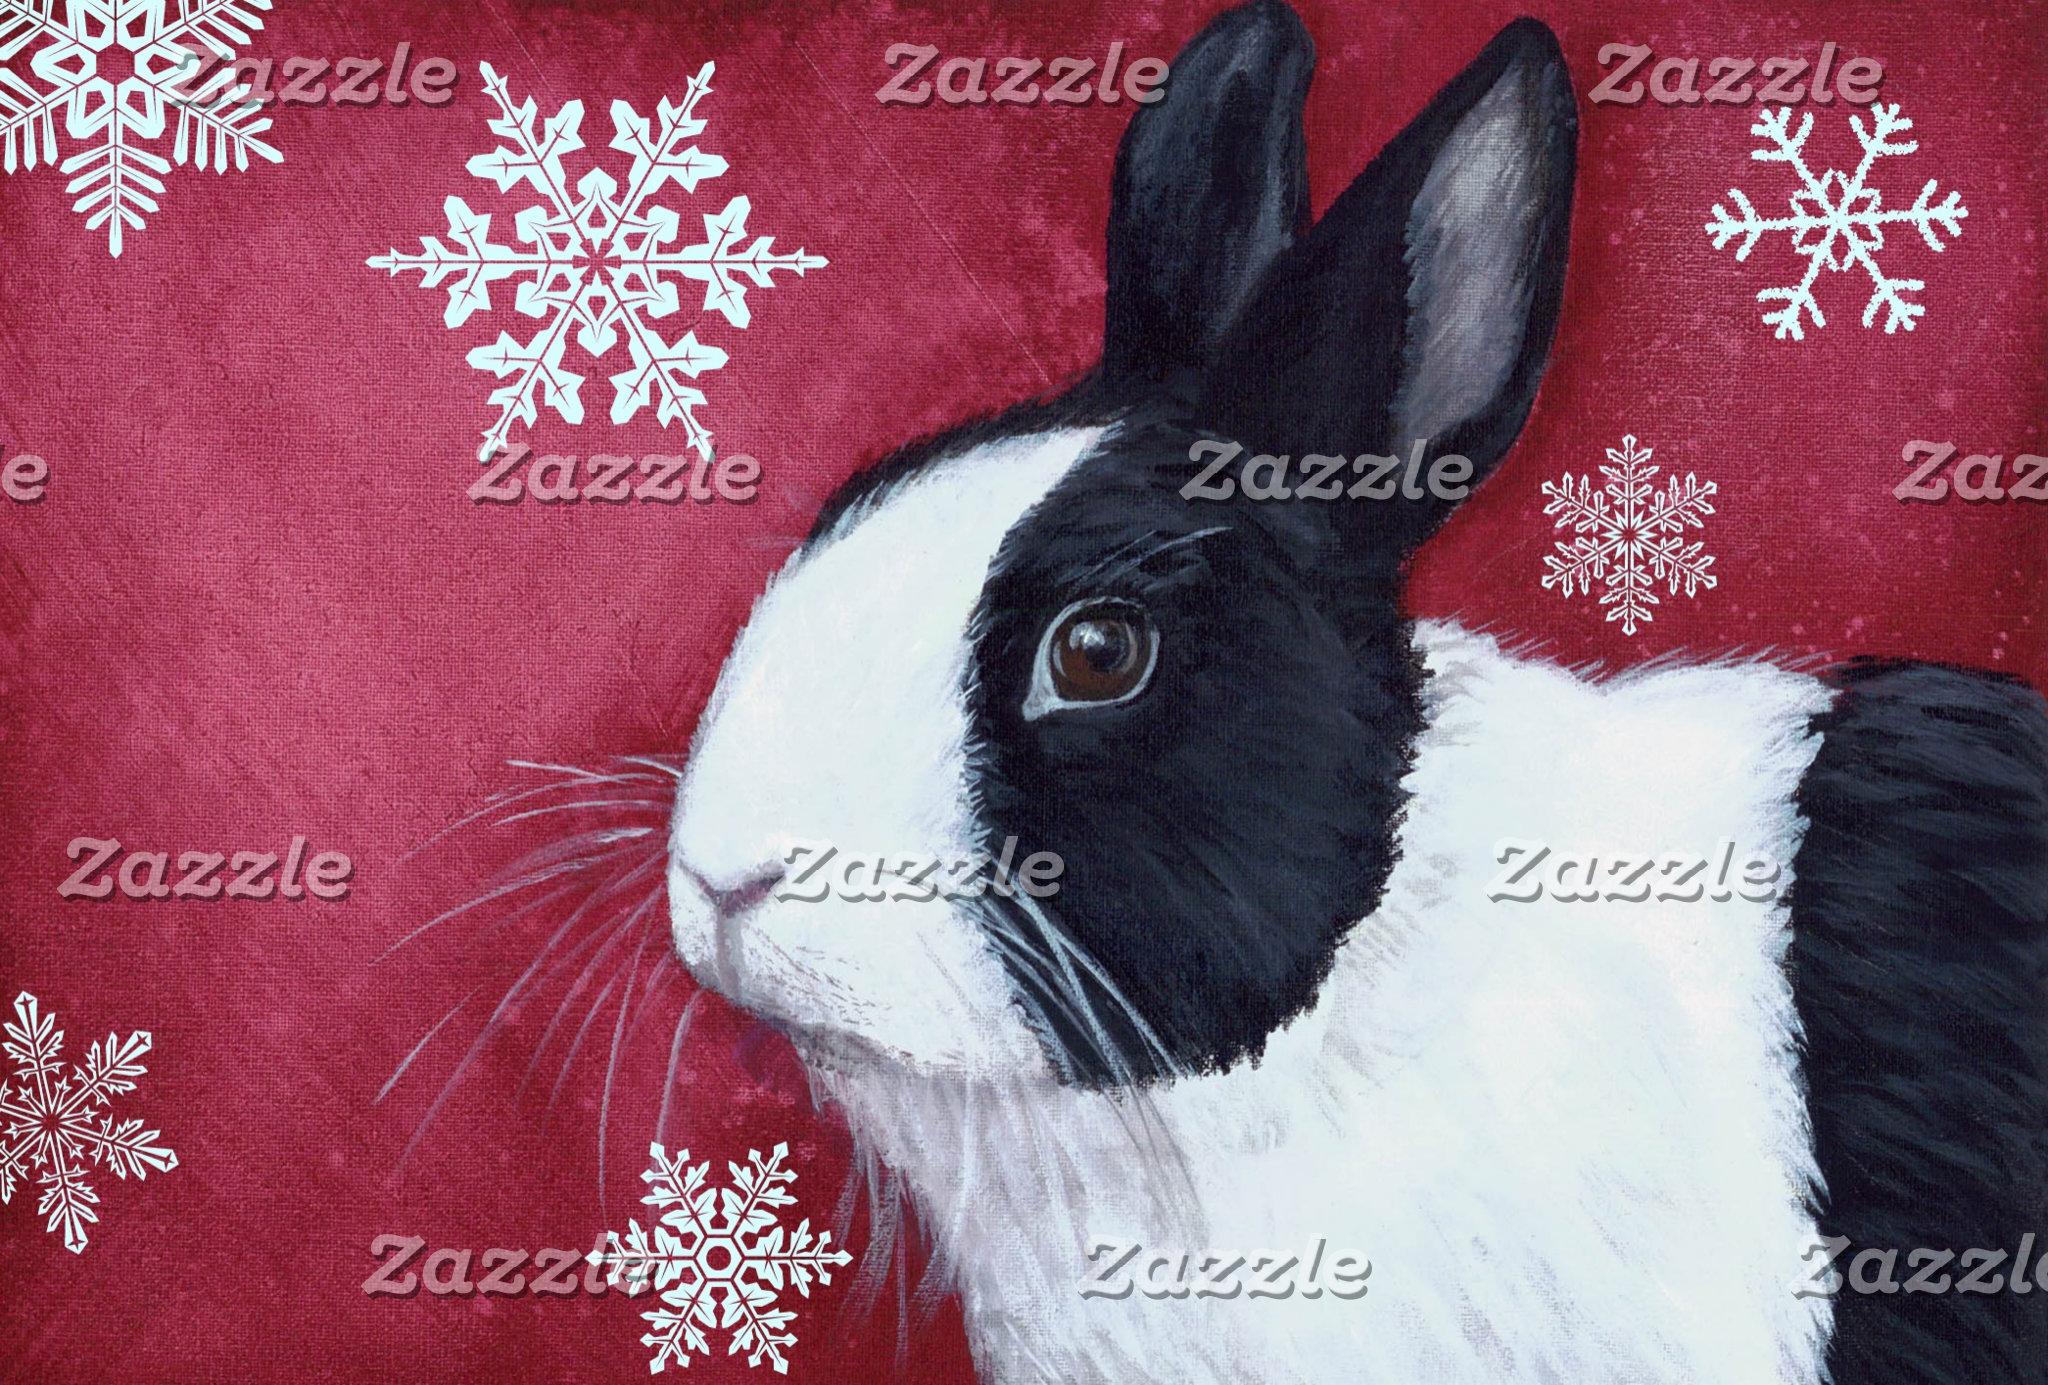 Dutch Bunny's Christmas